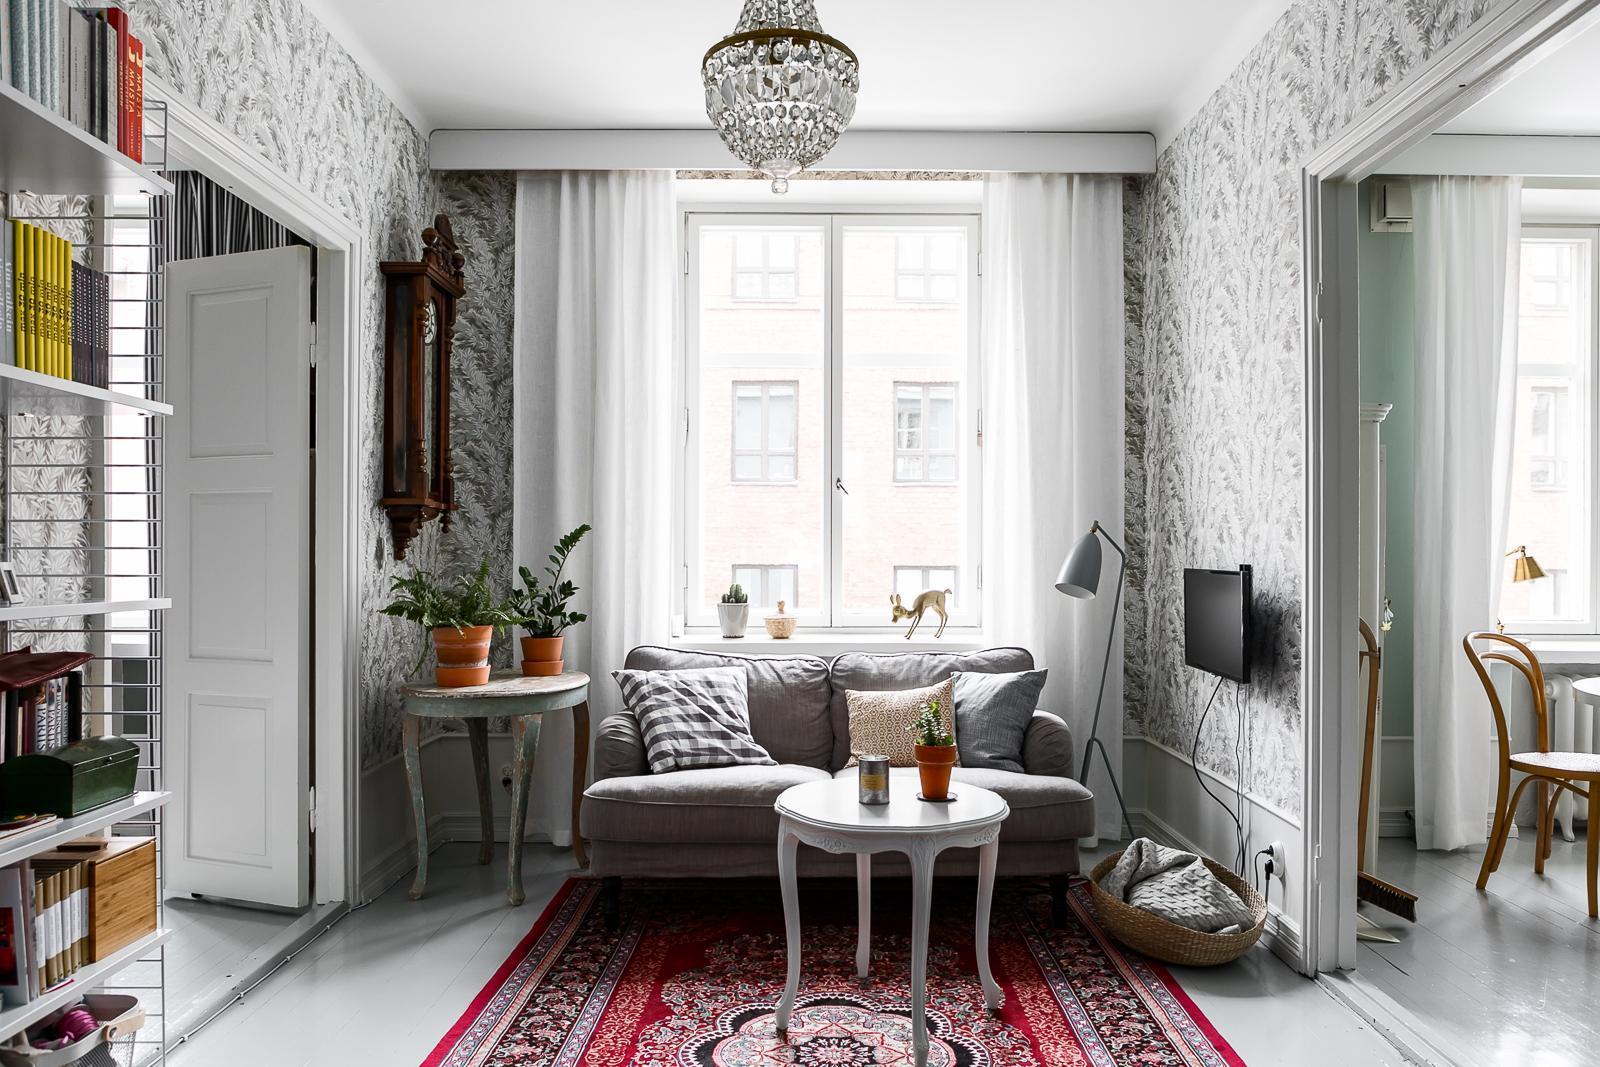 Viihtyisä pieni olohuone  Etuovi com Ideat & vinkit